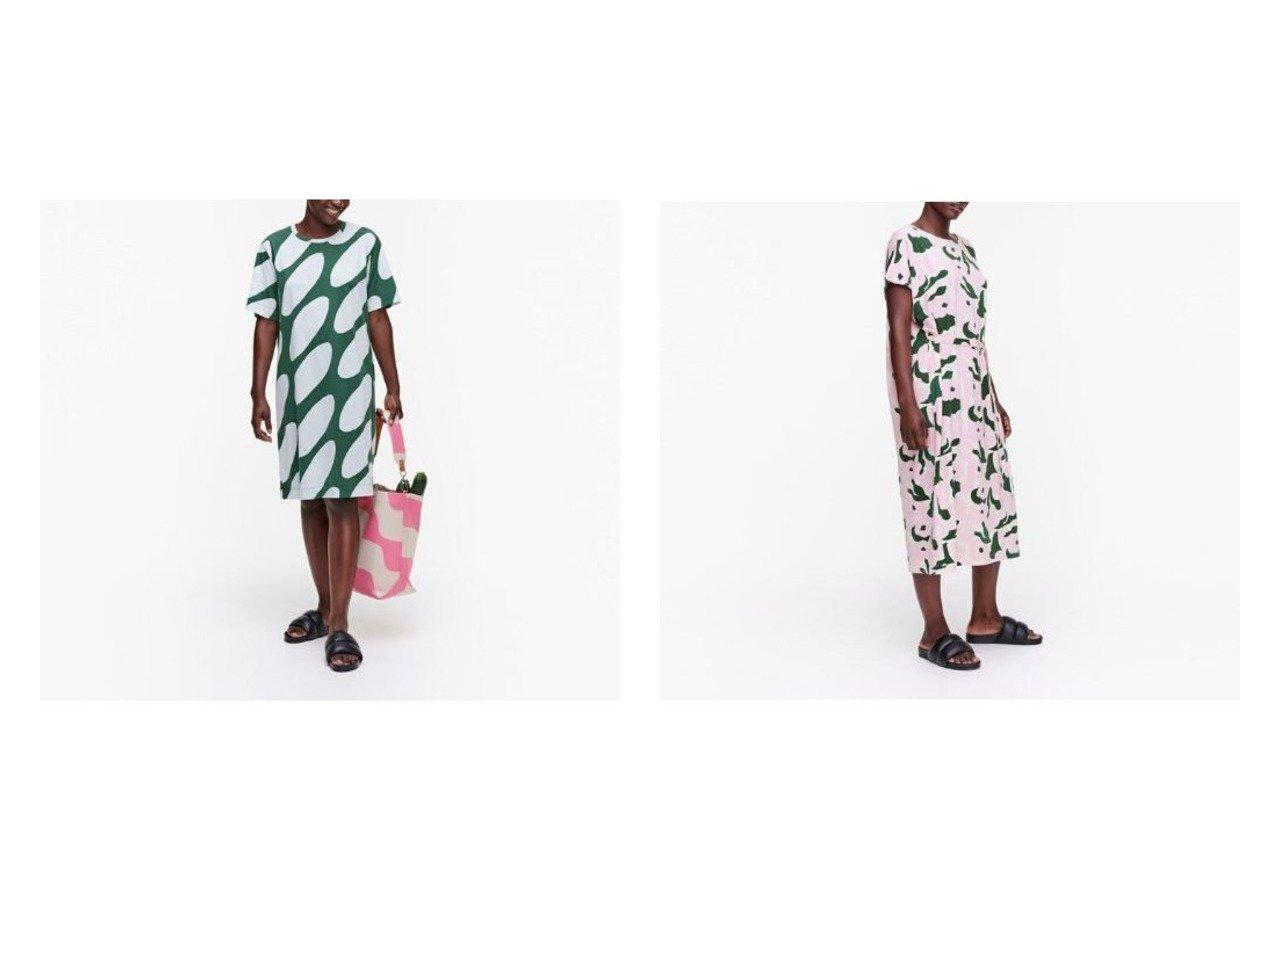 【marimekko/マリメッコ】のKevainen Linssi ワンピース&Kankahal Penkka ワンピース おすすめ!人気、トレンド・レディースファッションの通販 おすすめで人気の流行・トレンド、ファッションの通販商品 メンズファッション・キッズファッション・インテリア・家具・レディースファッション・服の通販 founy(ファニー) https://founy.com/ ファッション Fashion レディースファッション WOMEN ワンピース Dress S/S・春夏 SS・Spring/Summer コンビ フロント プリント ワンポイント 春 Spring スリーブ ハーフ リラックス |ID:crp329100000035901